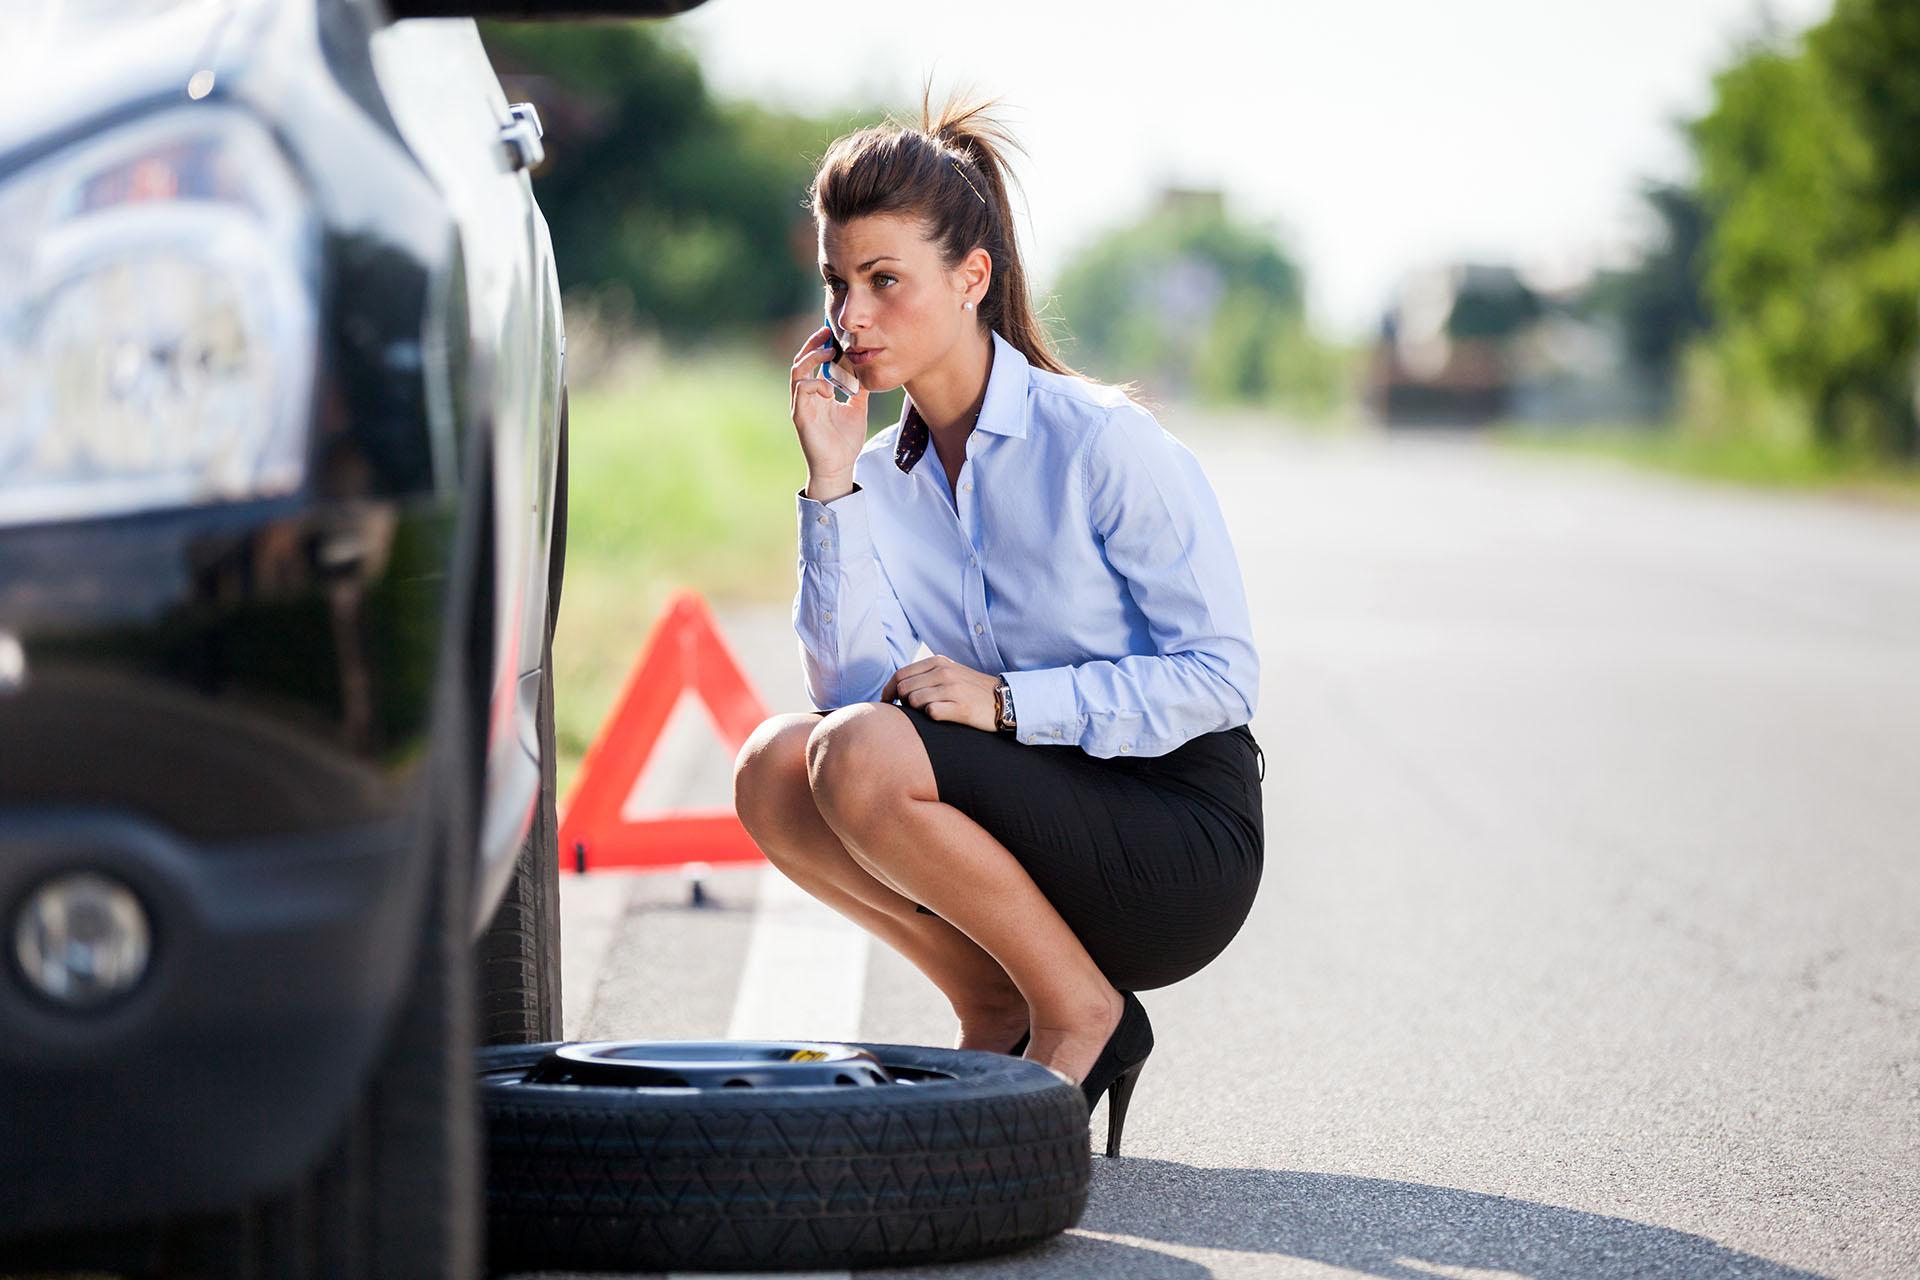 Road assistance, Courtesy cars, Pomoc drogowa, Auto zastępcze